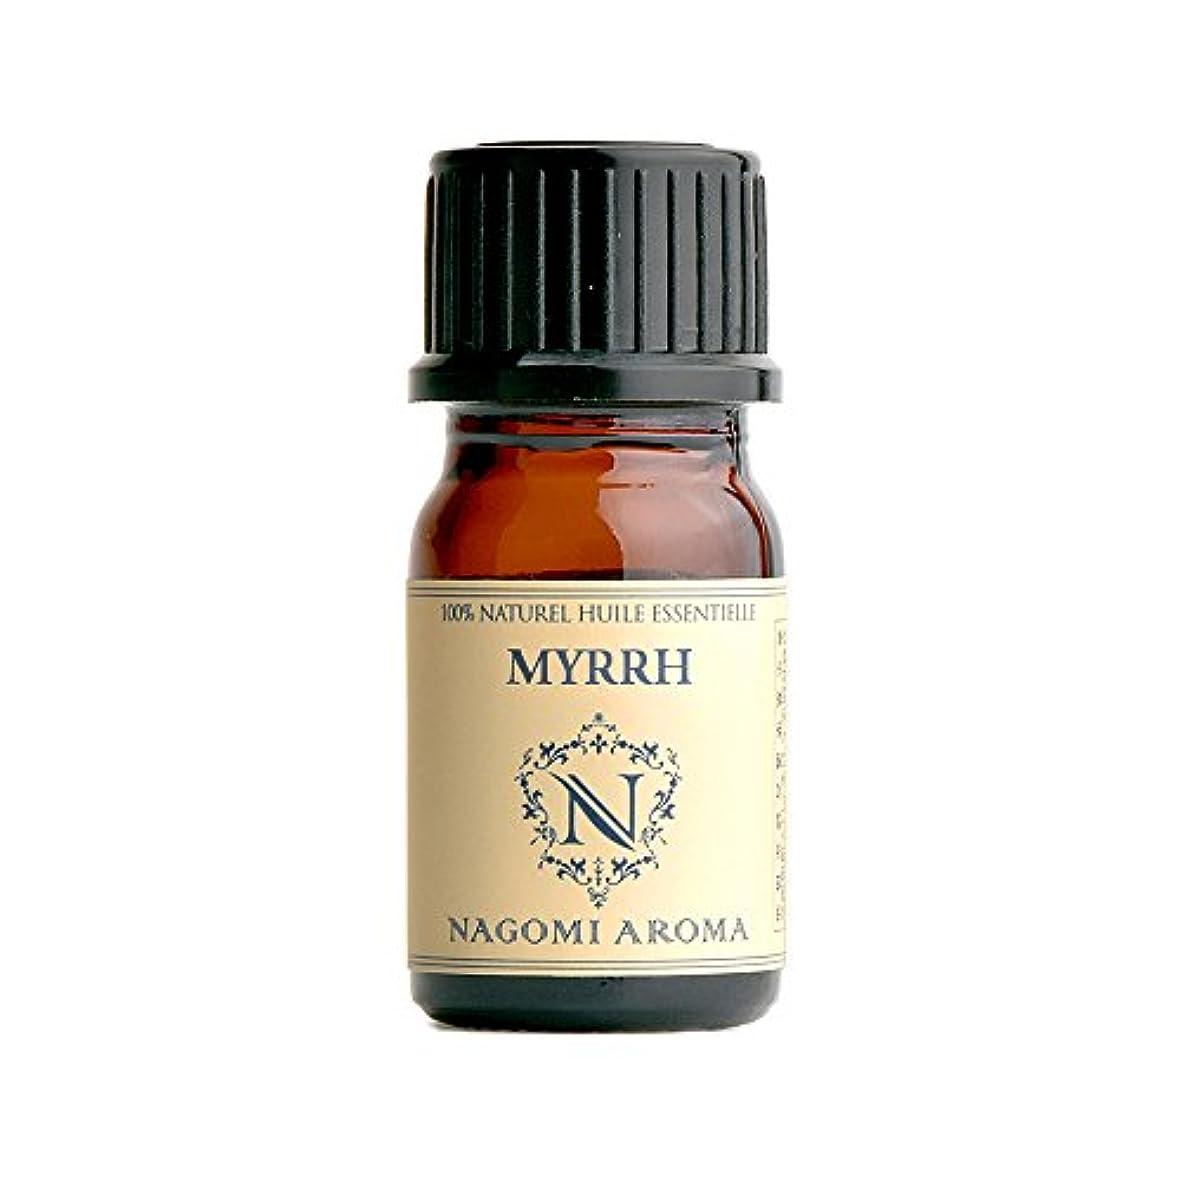 再びスナック表示NAGOMI AROMA ミルラ 5ml 【AEAJ認定精油】【アロマオイル】